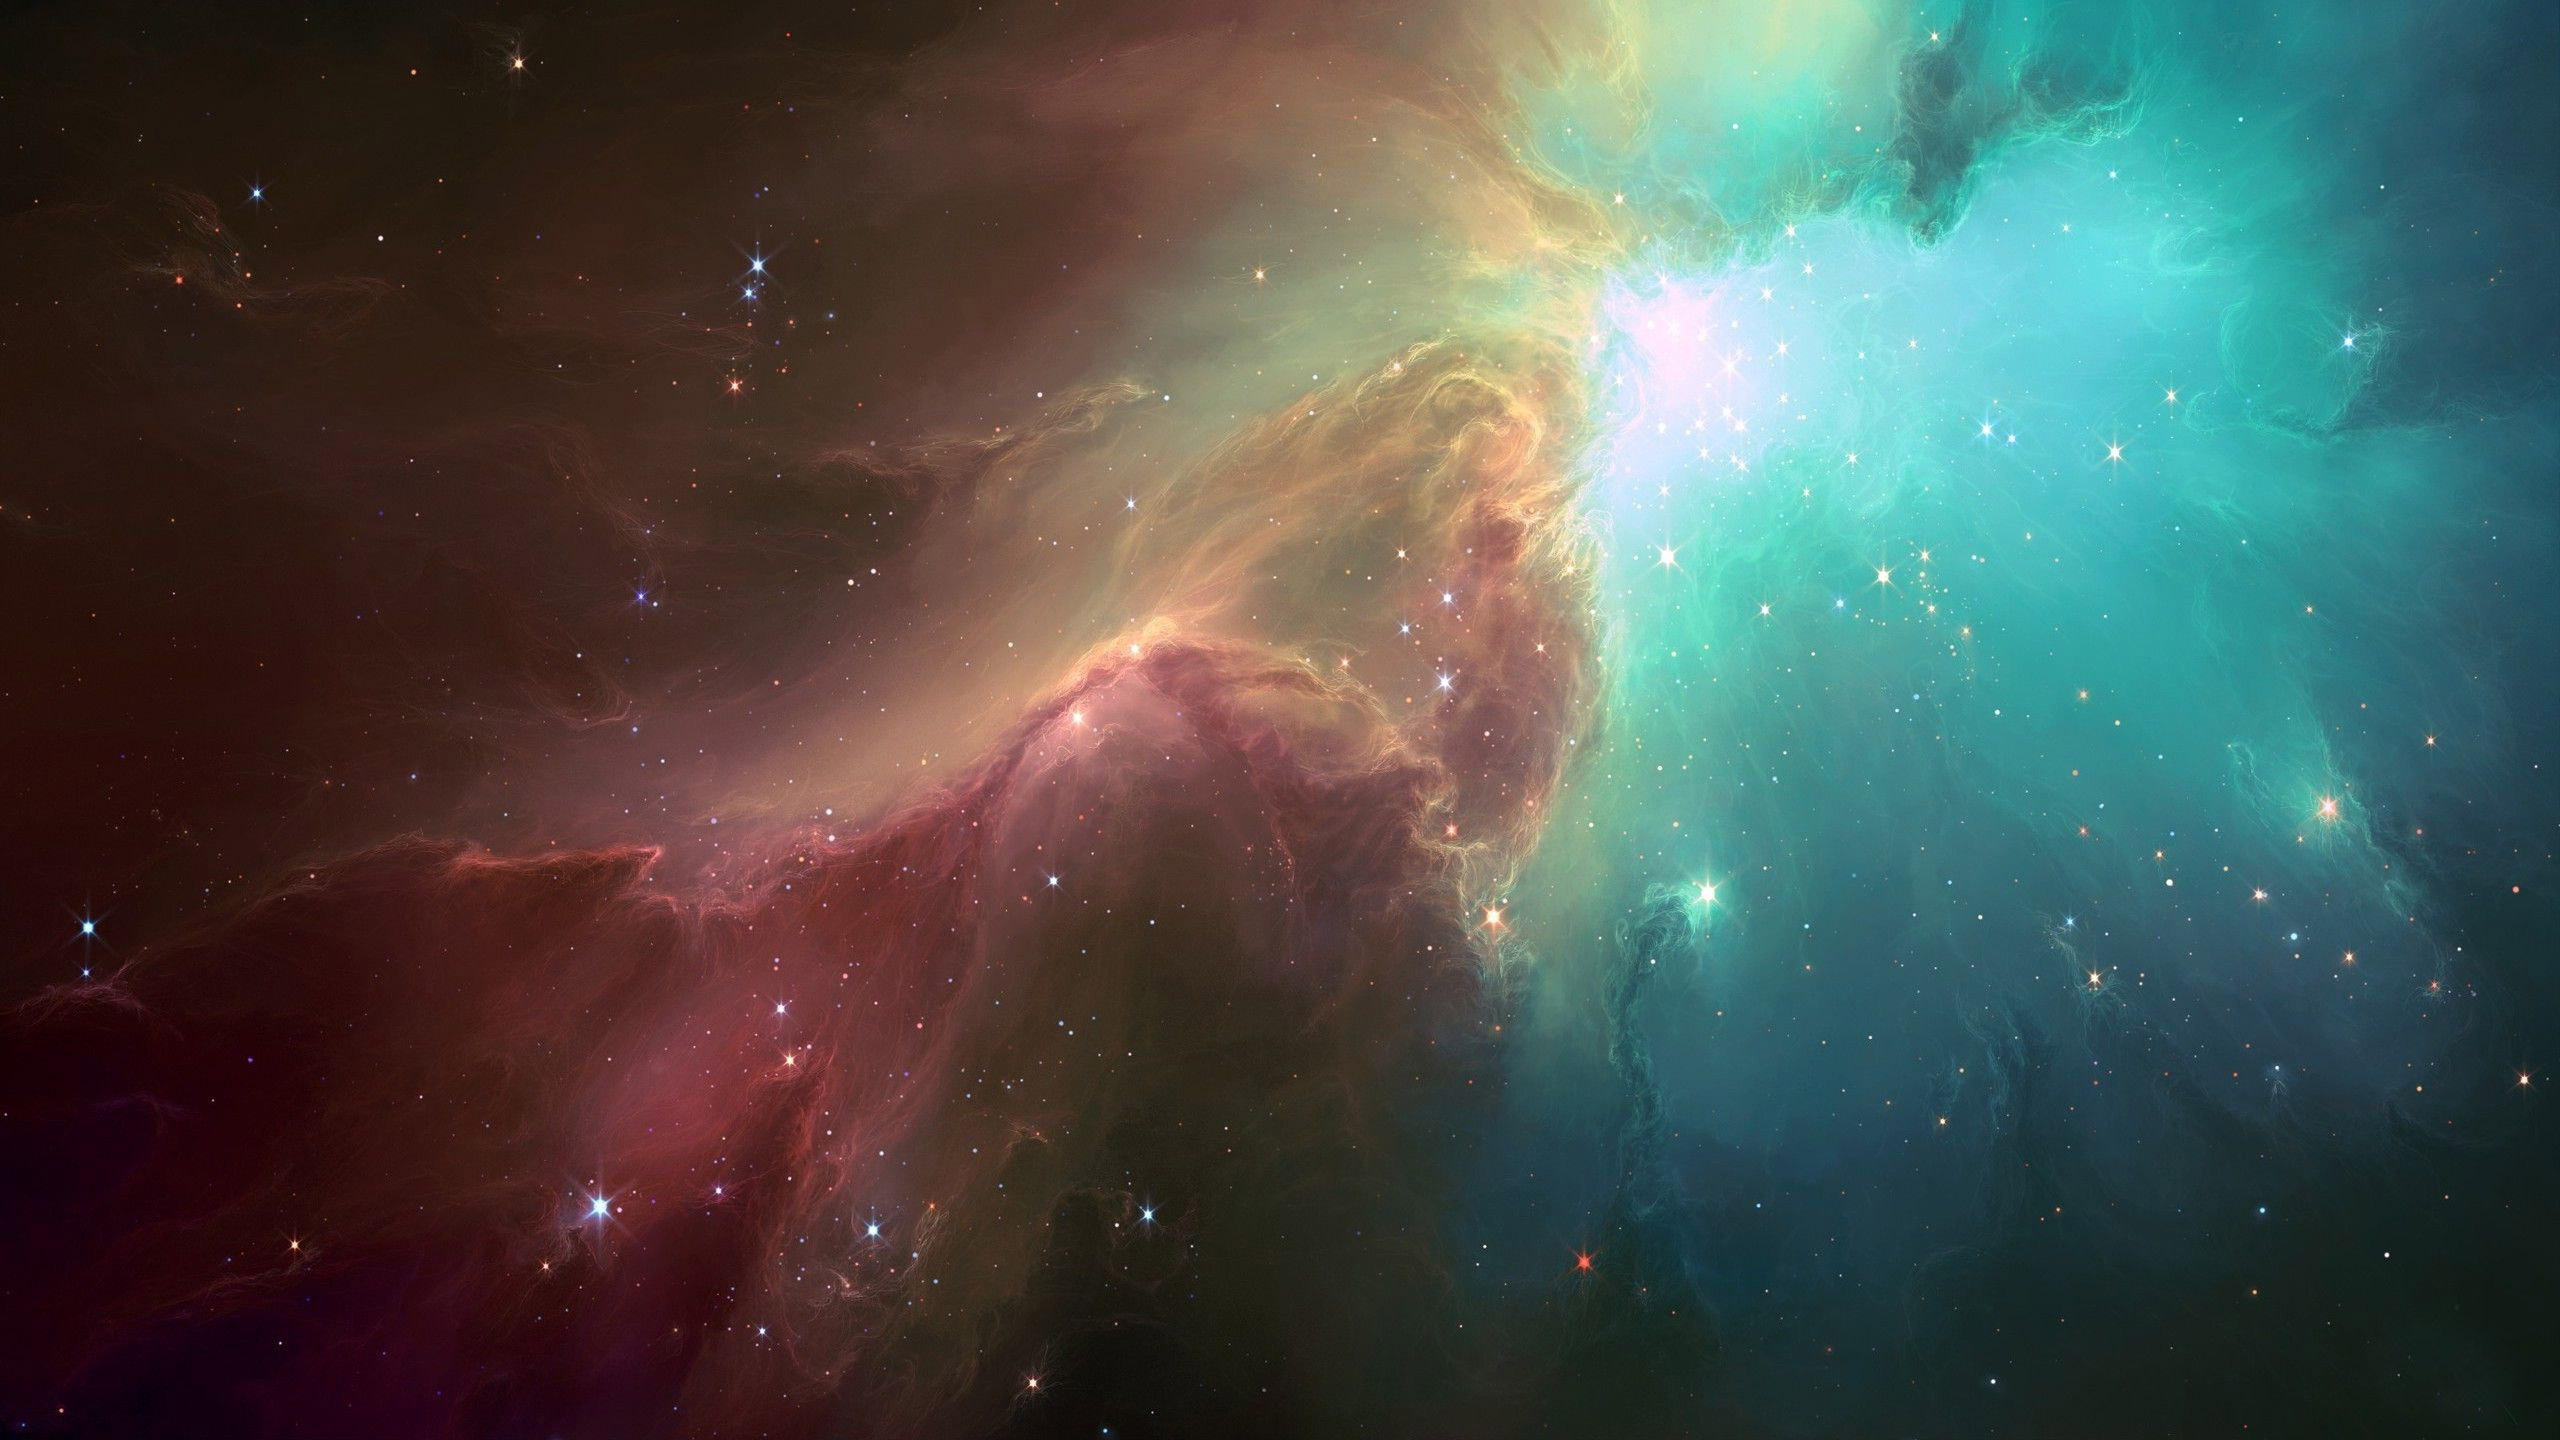 Multicolored nebula wallpaper 15008 2560x1440